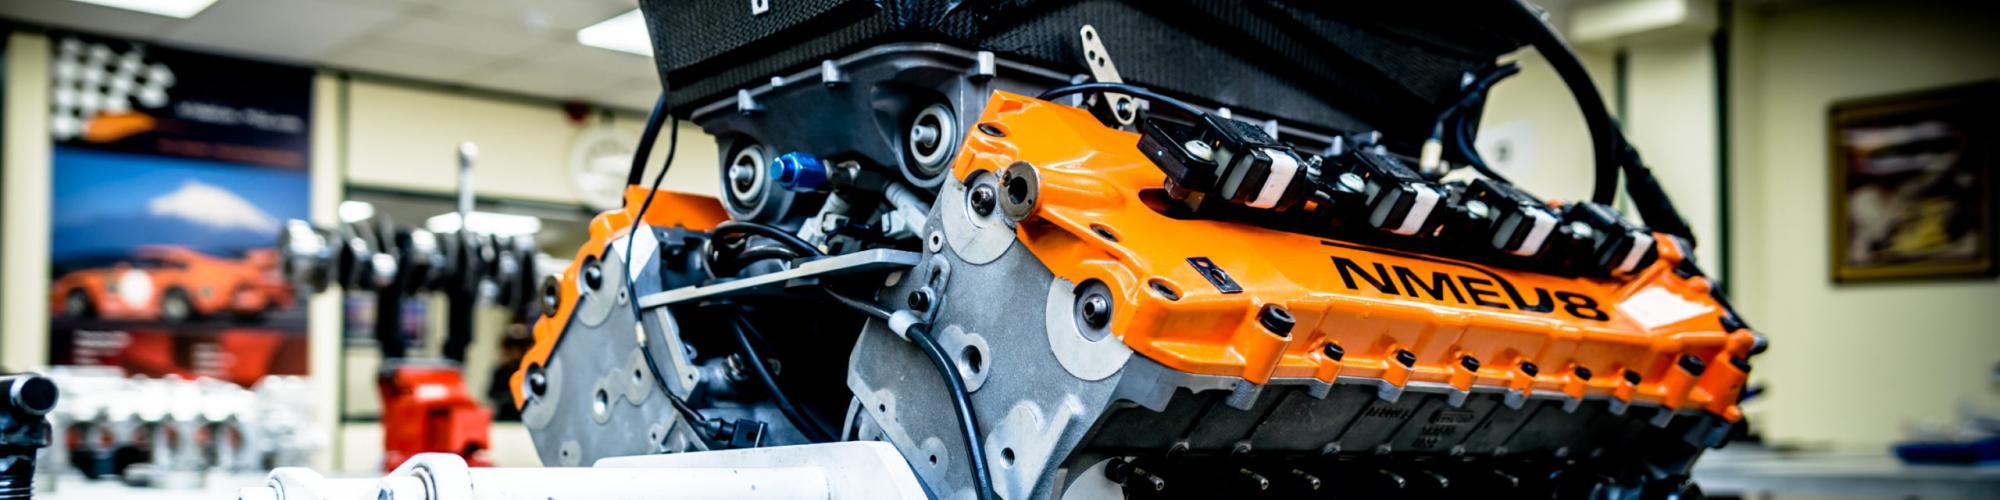 Nicholson McLaren Engines